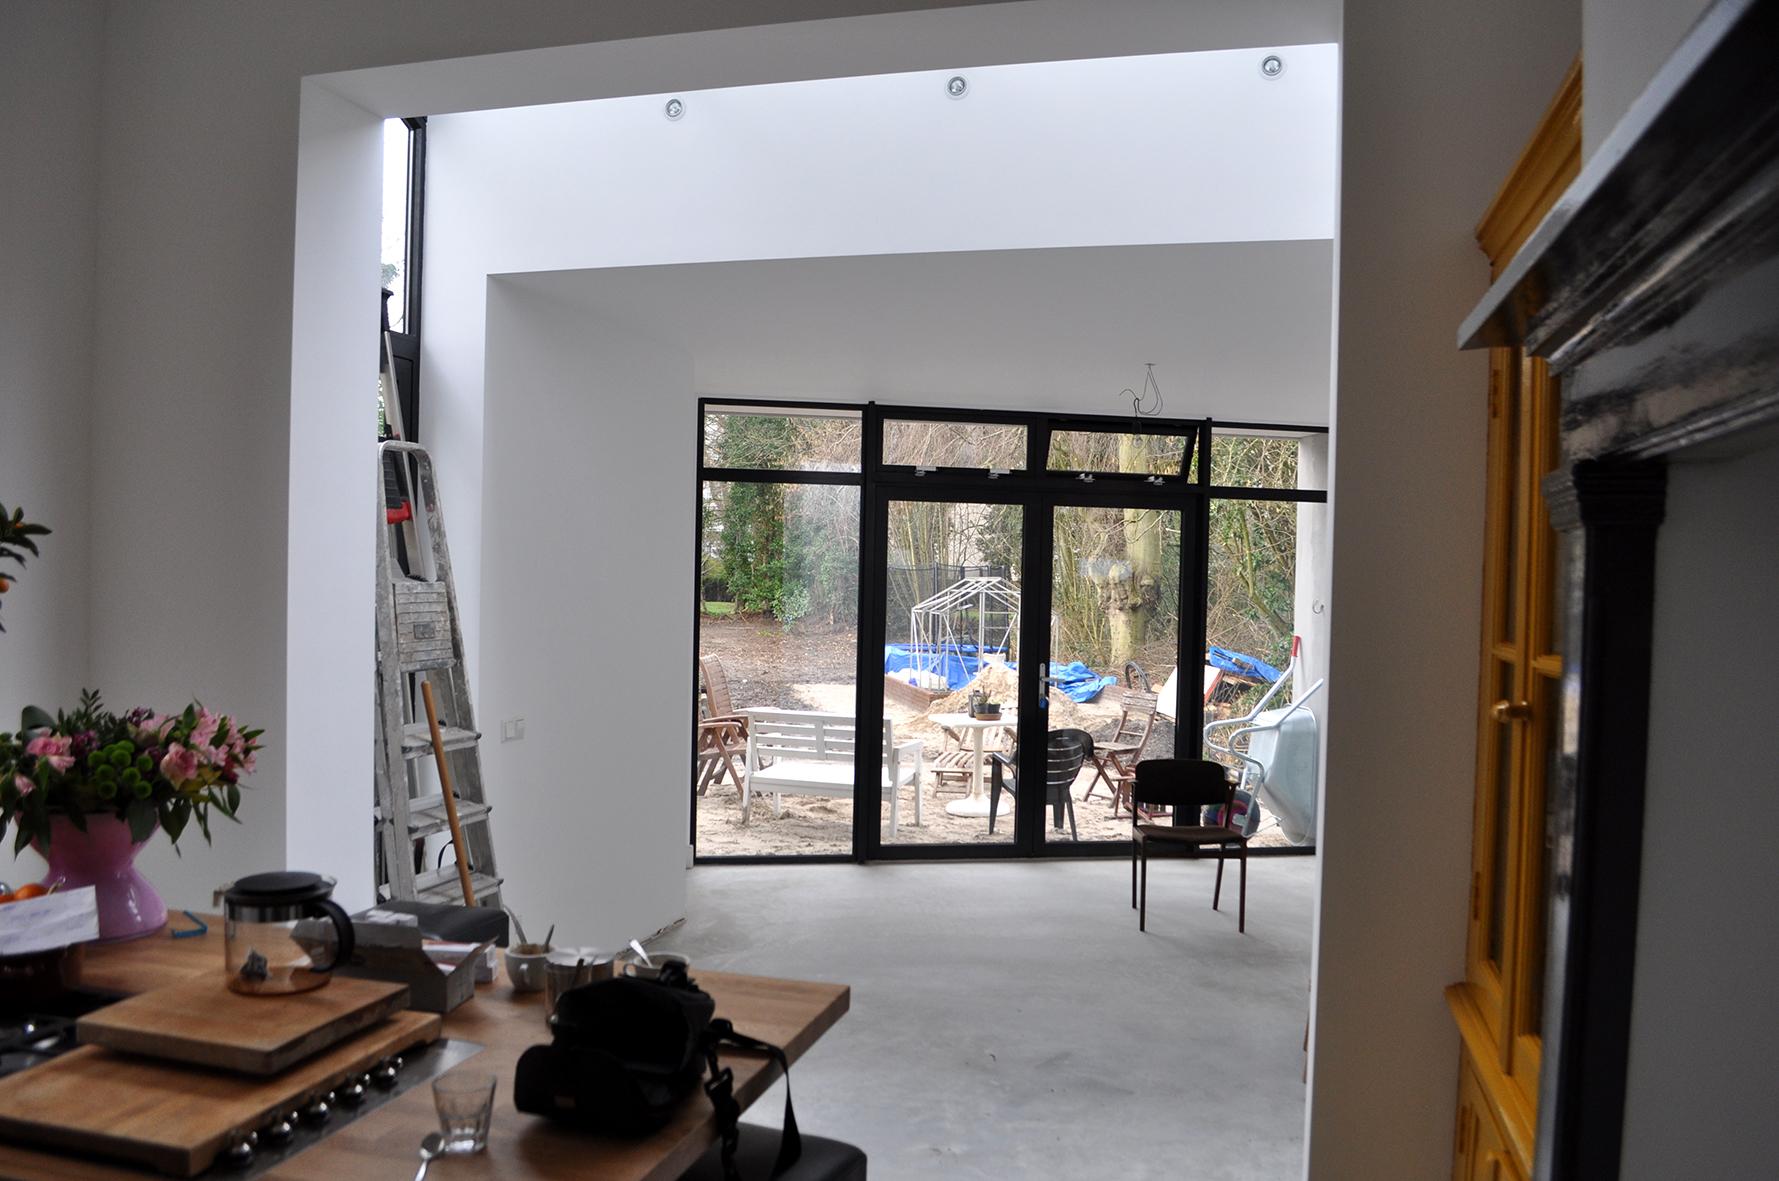 Atelier007-bouwkunde-architectuur-uitbouw-verbouw-vergunning-wit-stucwerk-licht-apeldoorn-zicht-001